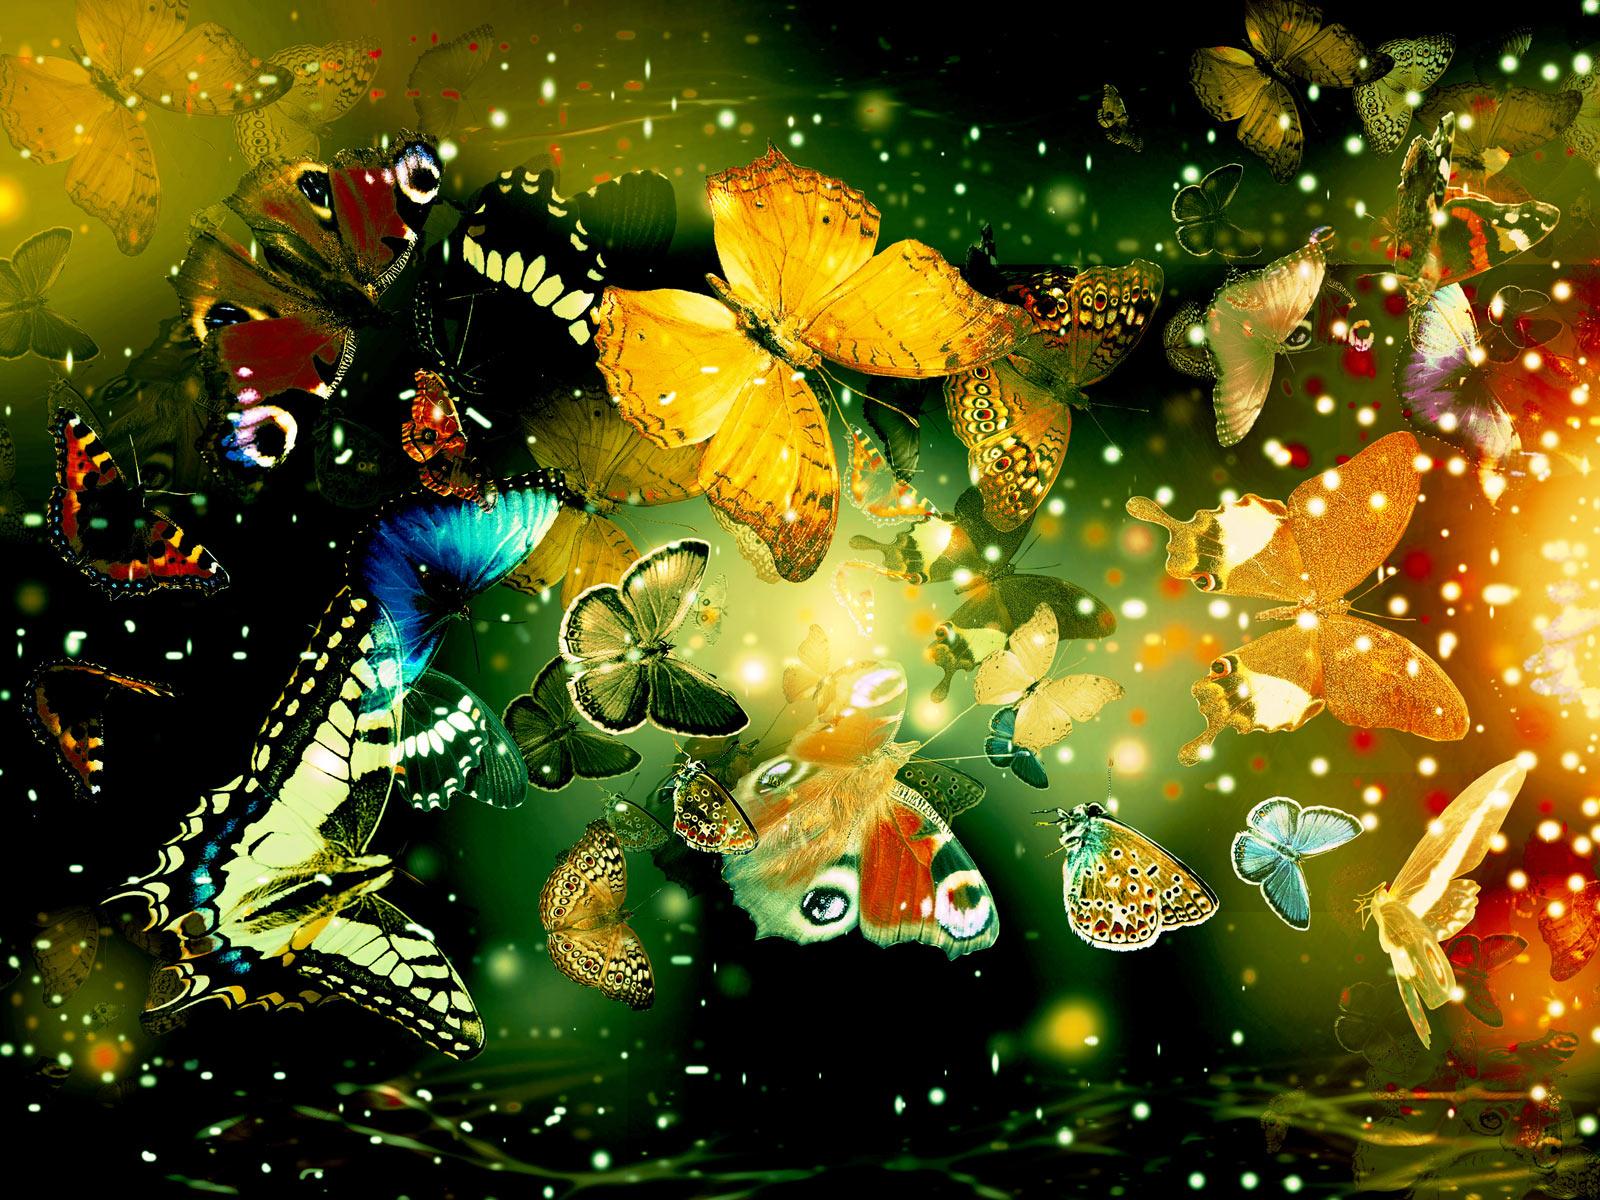 desktop backgrounds hd Wallpaper High Quality WallpapersWallpaper 1600x1200